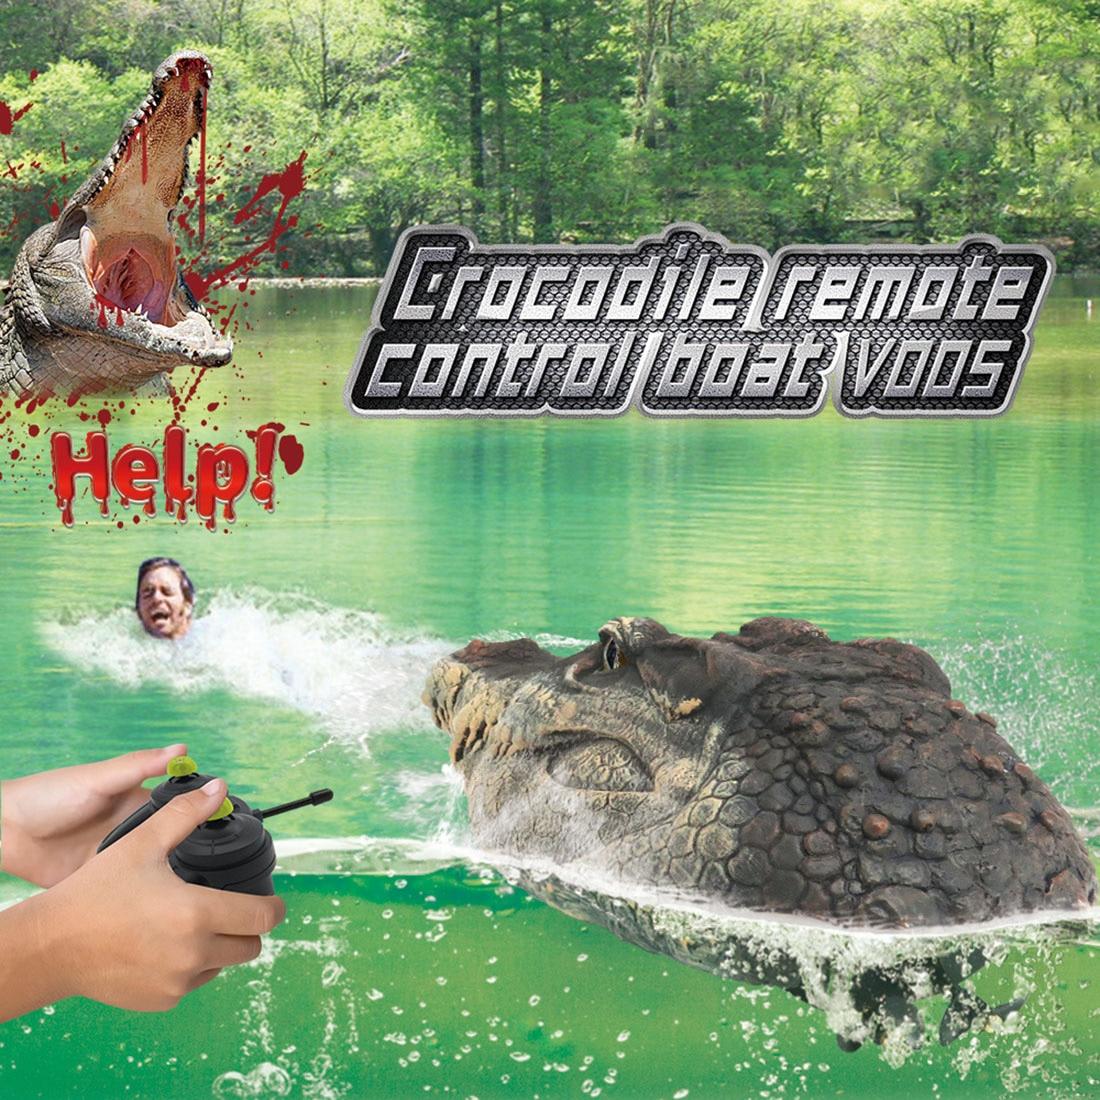 Flytec V005 радиоуправляемая лодка 2,4 г имитация головы крокодила украшение для животных бассейн забавная пародия водный гоночный катер игрушки...